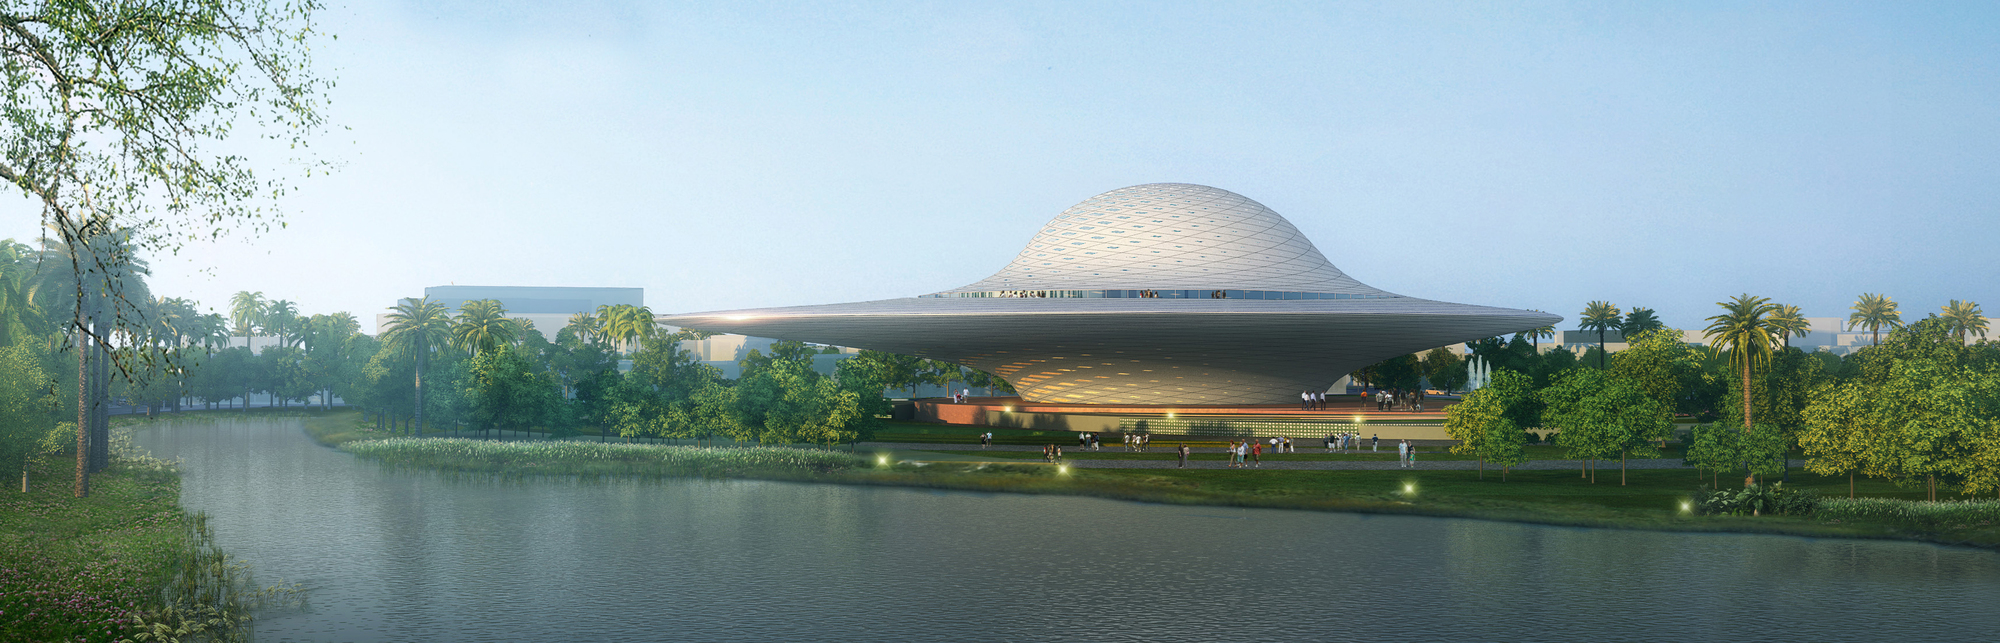 FR-EE Reveals Elliptical Design for Mexico's Mazatlán Museum